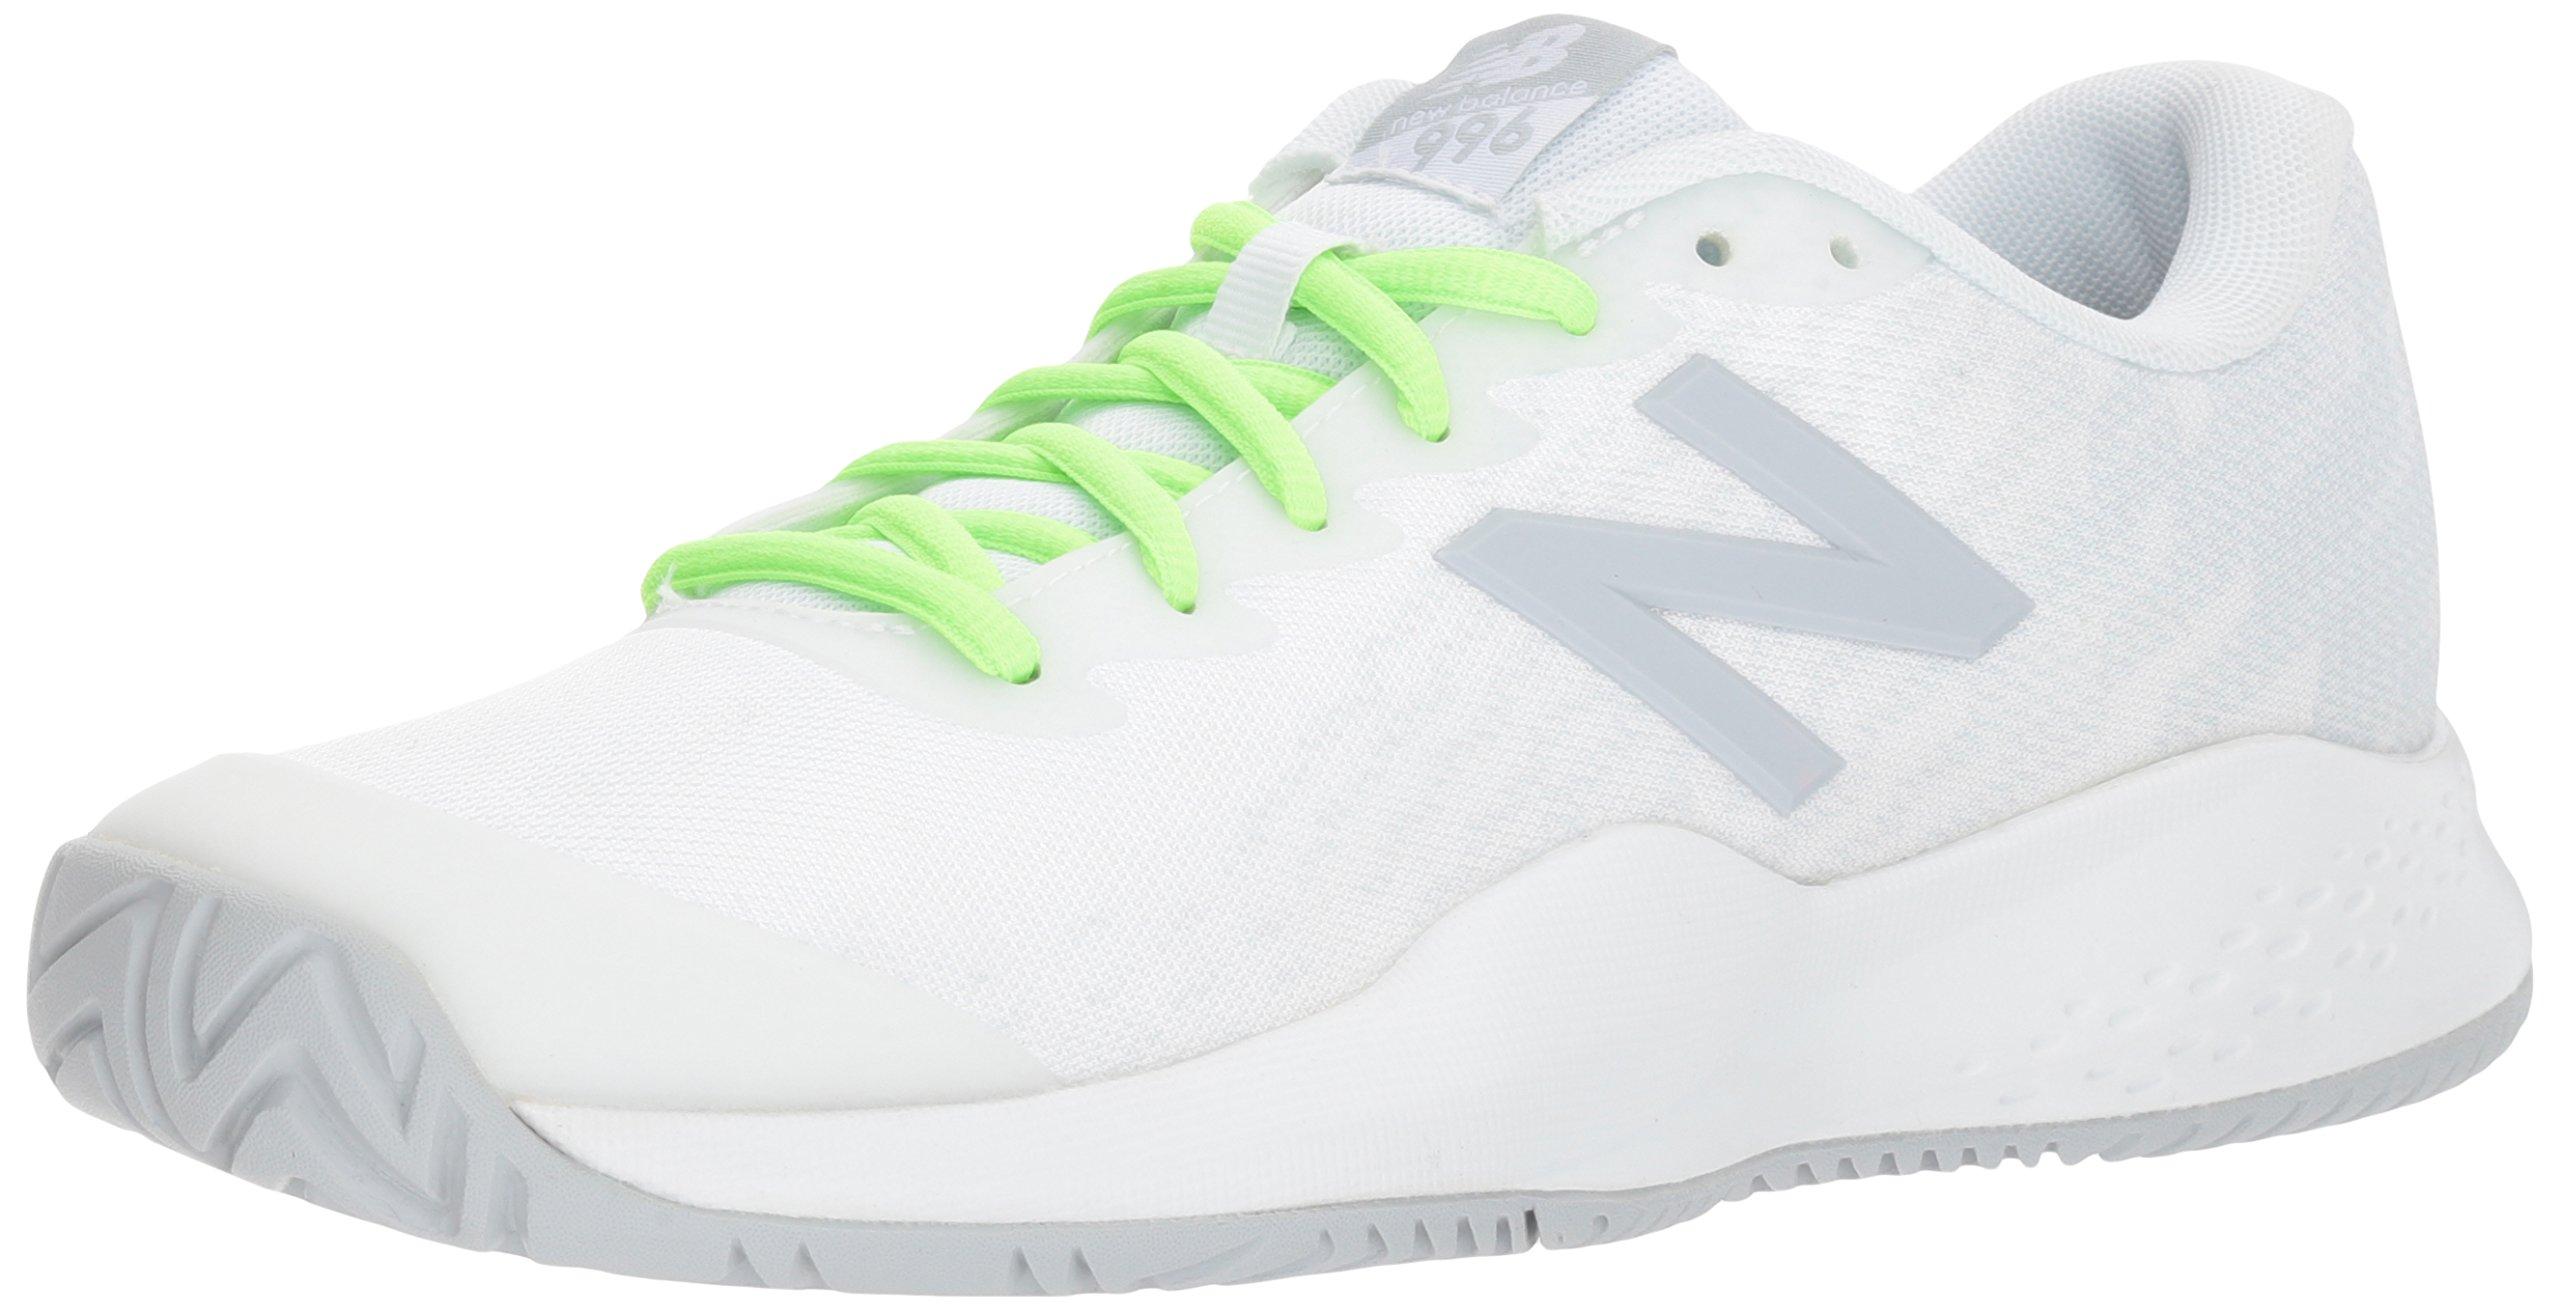 New Balance Boys' Kid's 996v3 Hard Court Tennis Shoe, White, 13 M US Little